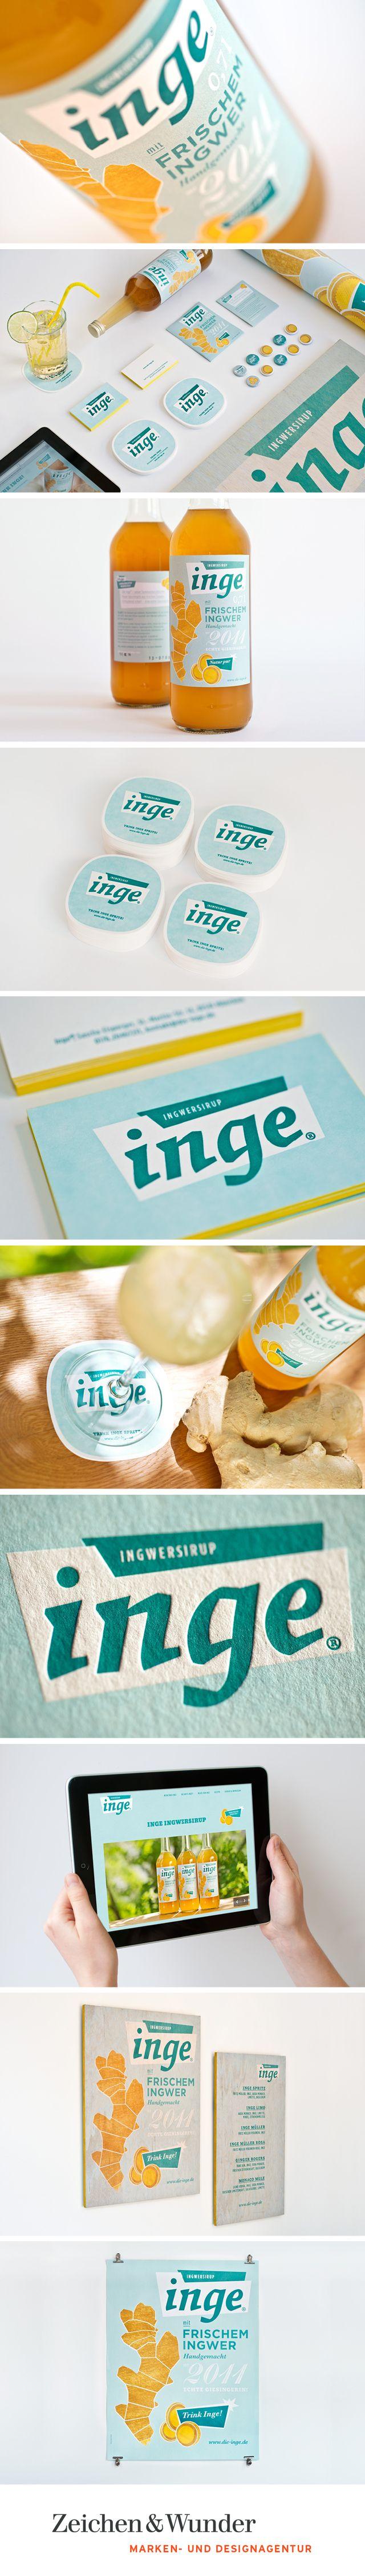 INGE INGWERSIRUP / Naming, Brand Design und Packaging / #Inge #Ingwersirup / by Zeichen & Wunder, München